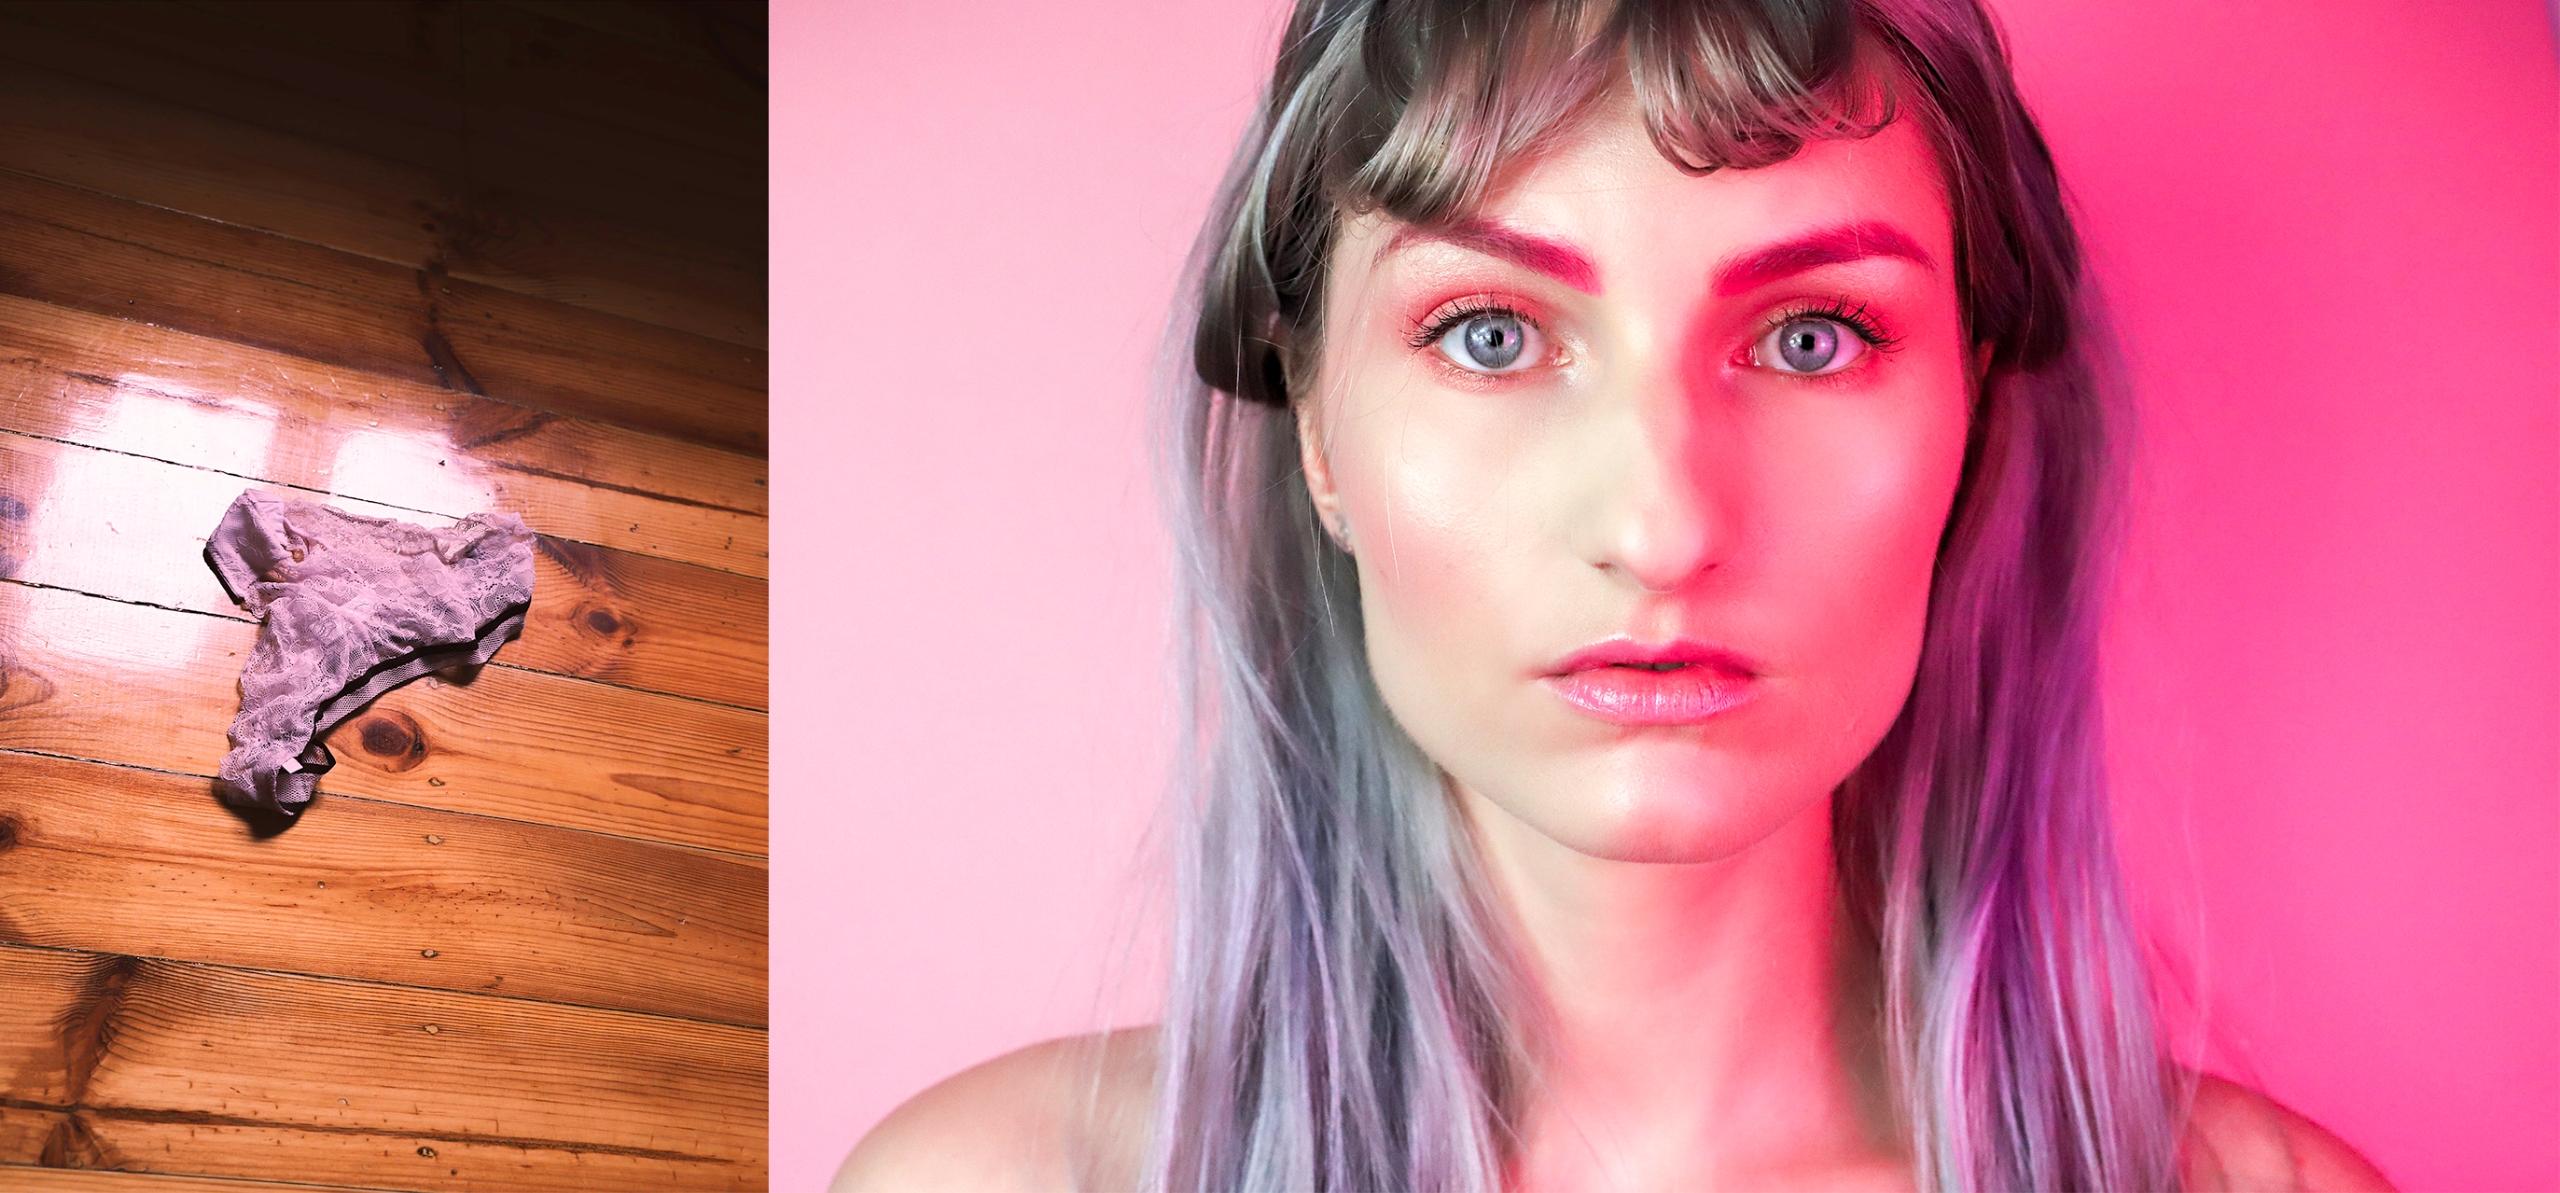 Obraz przedstawia dwa zdjęcia. Z lewej strony widzimy leżące różowe majtki na drewnianej podłodze, a z prawej twarz kobiety oświetloną różowym światłem.